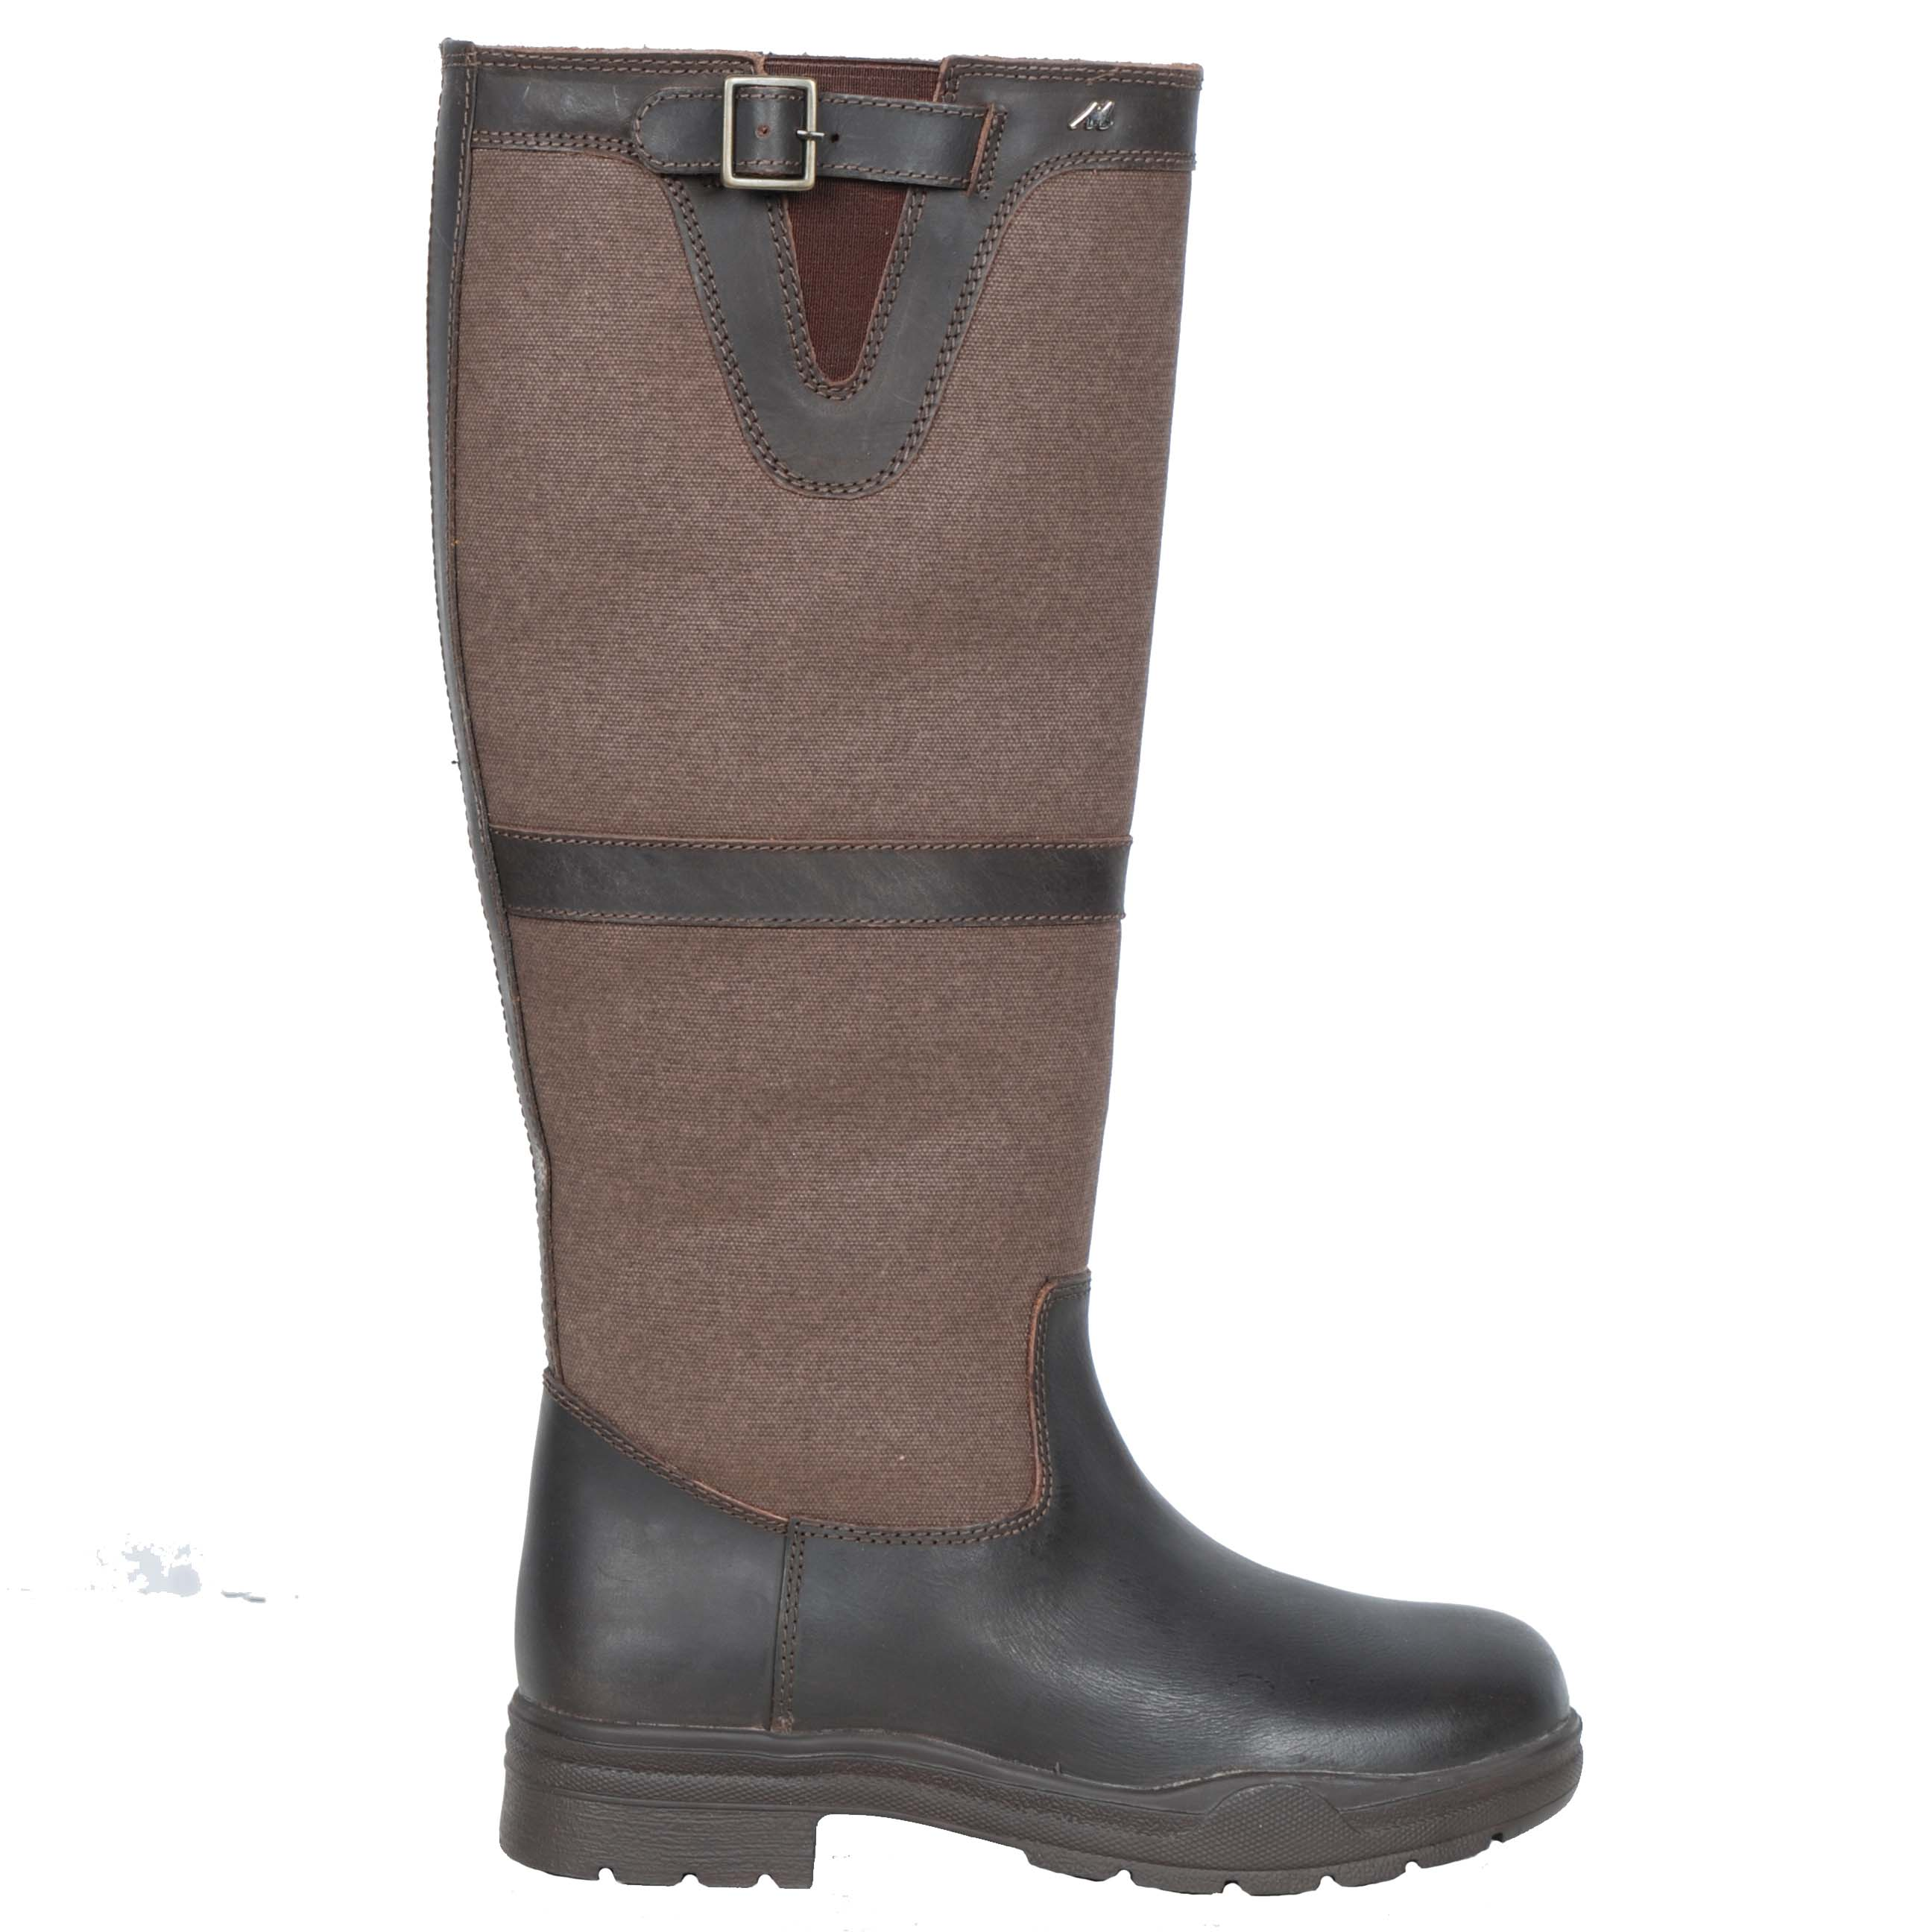 Mondoni Telemark Outdoor laarzen bruin maat:37